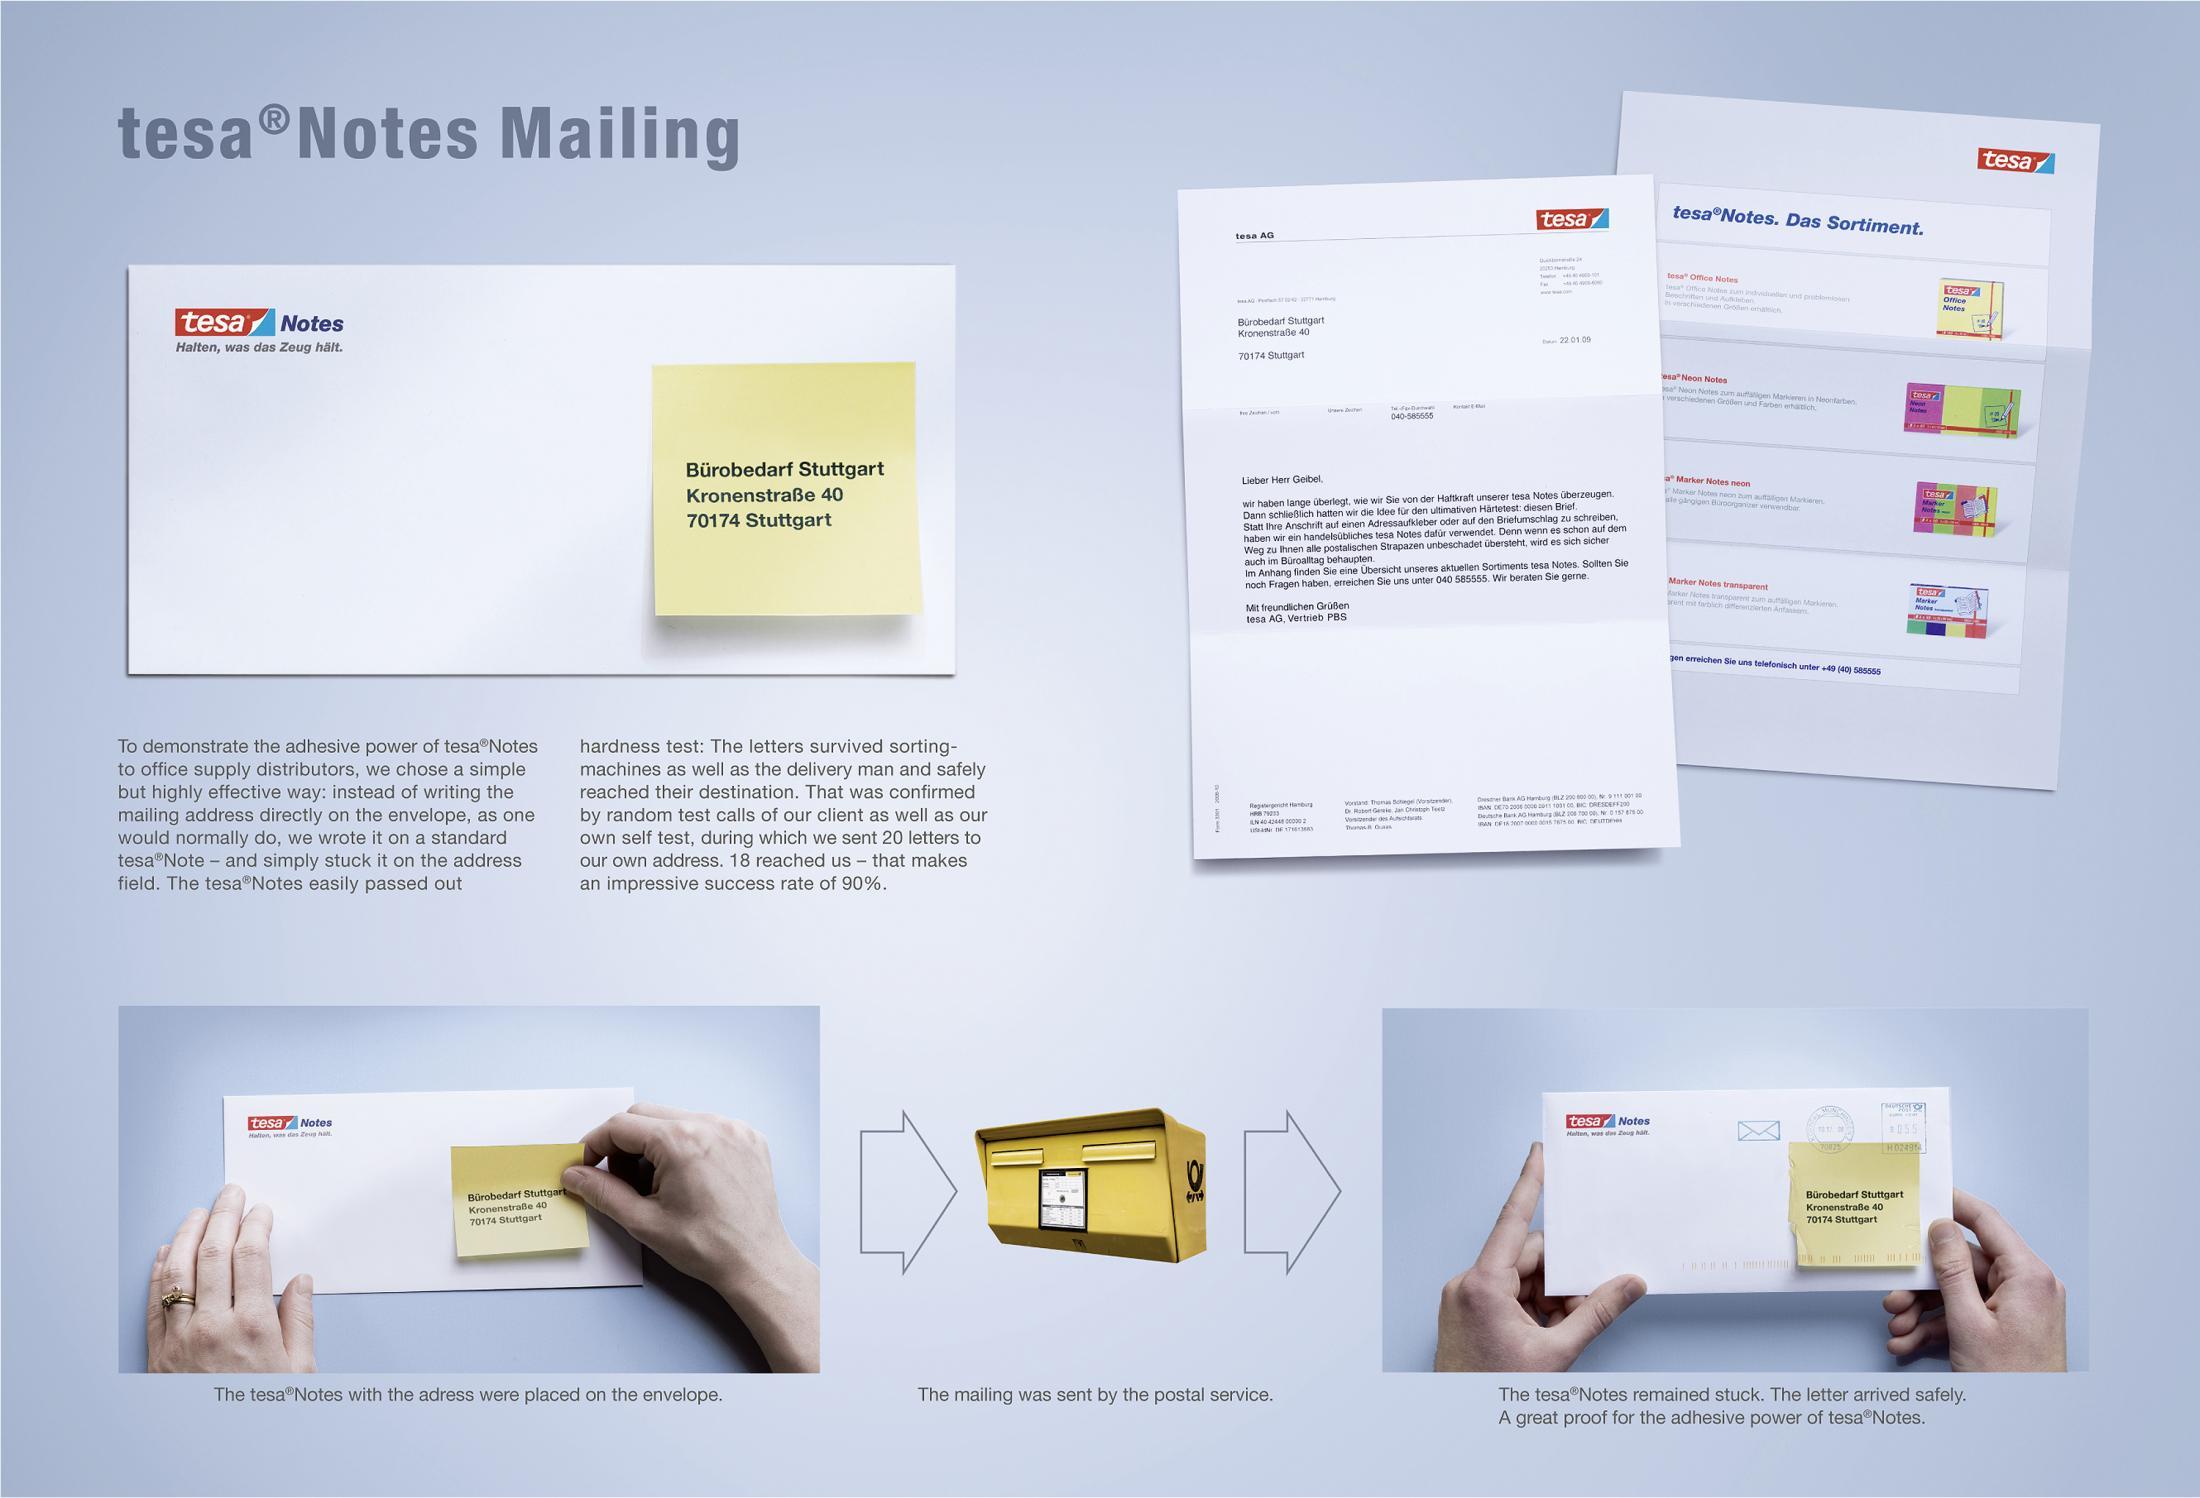 Tesa Notes Mailing Adhesive Power Clios